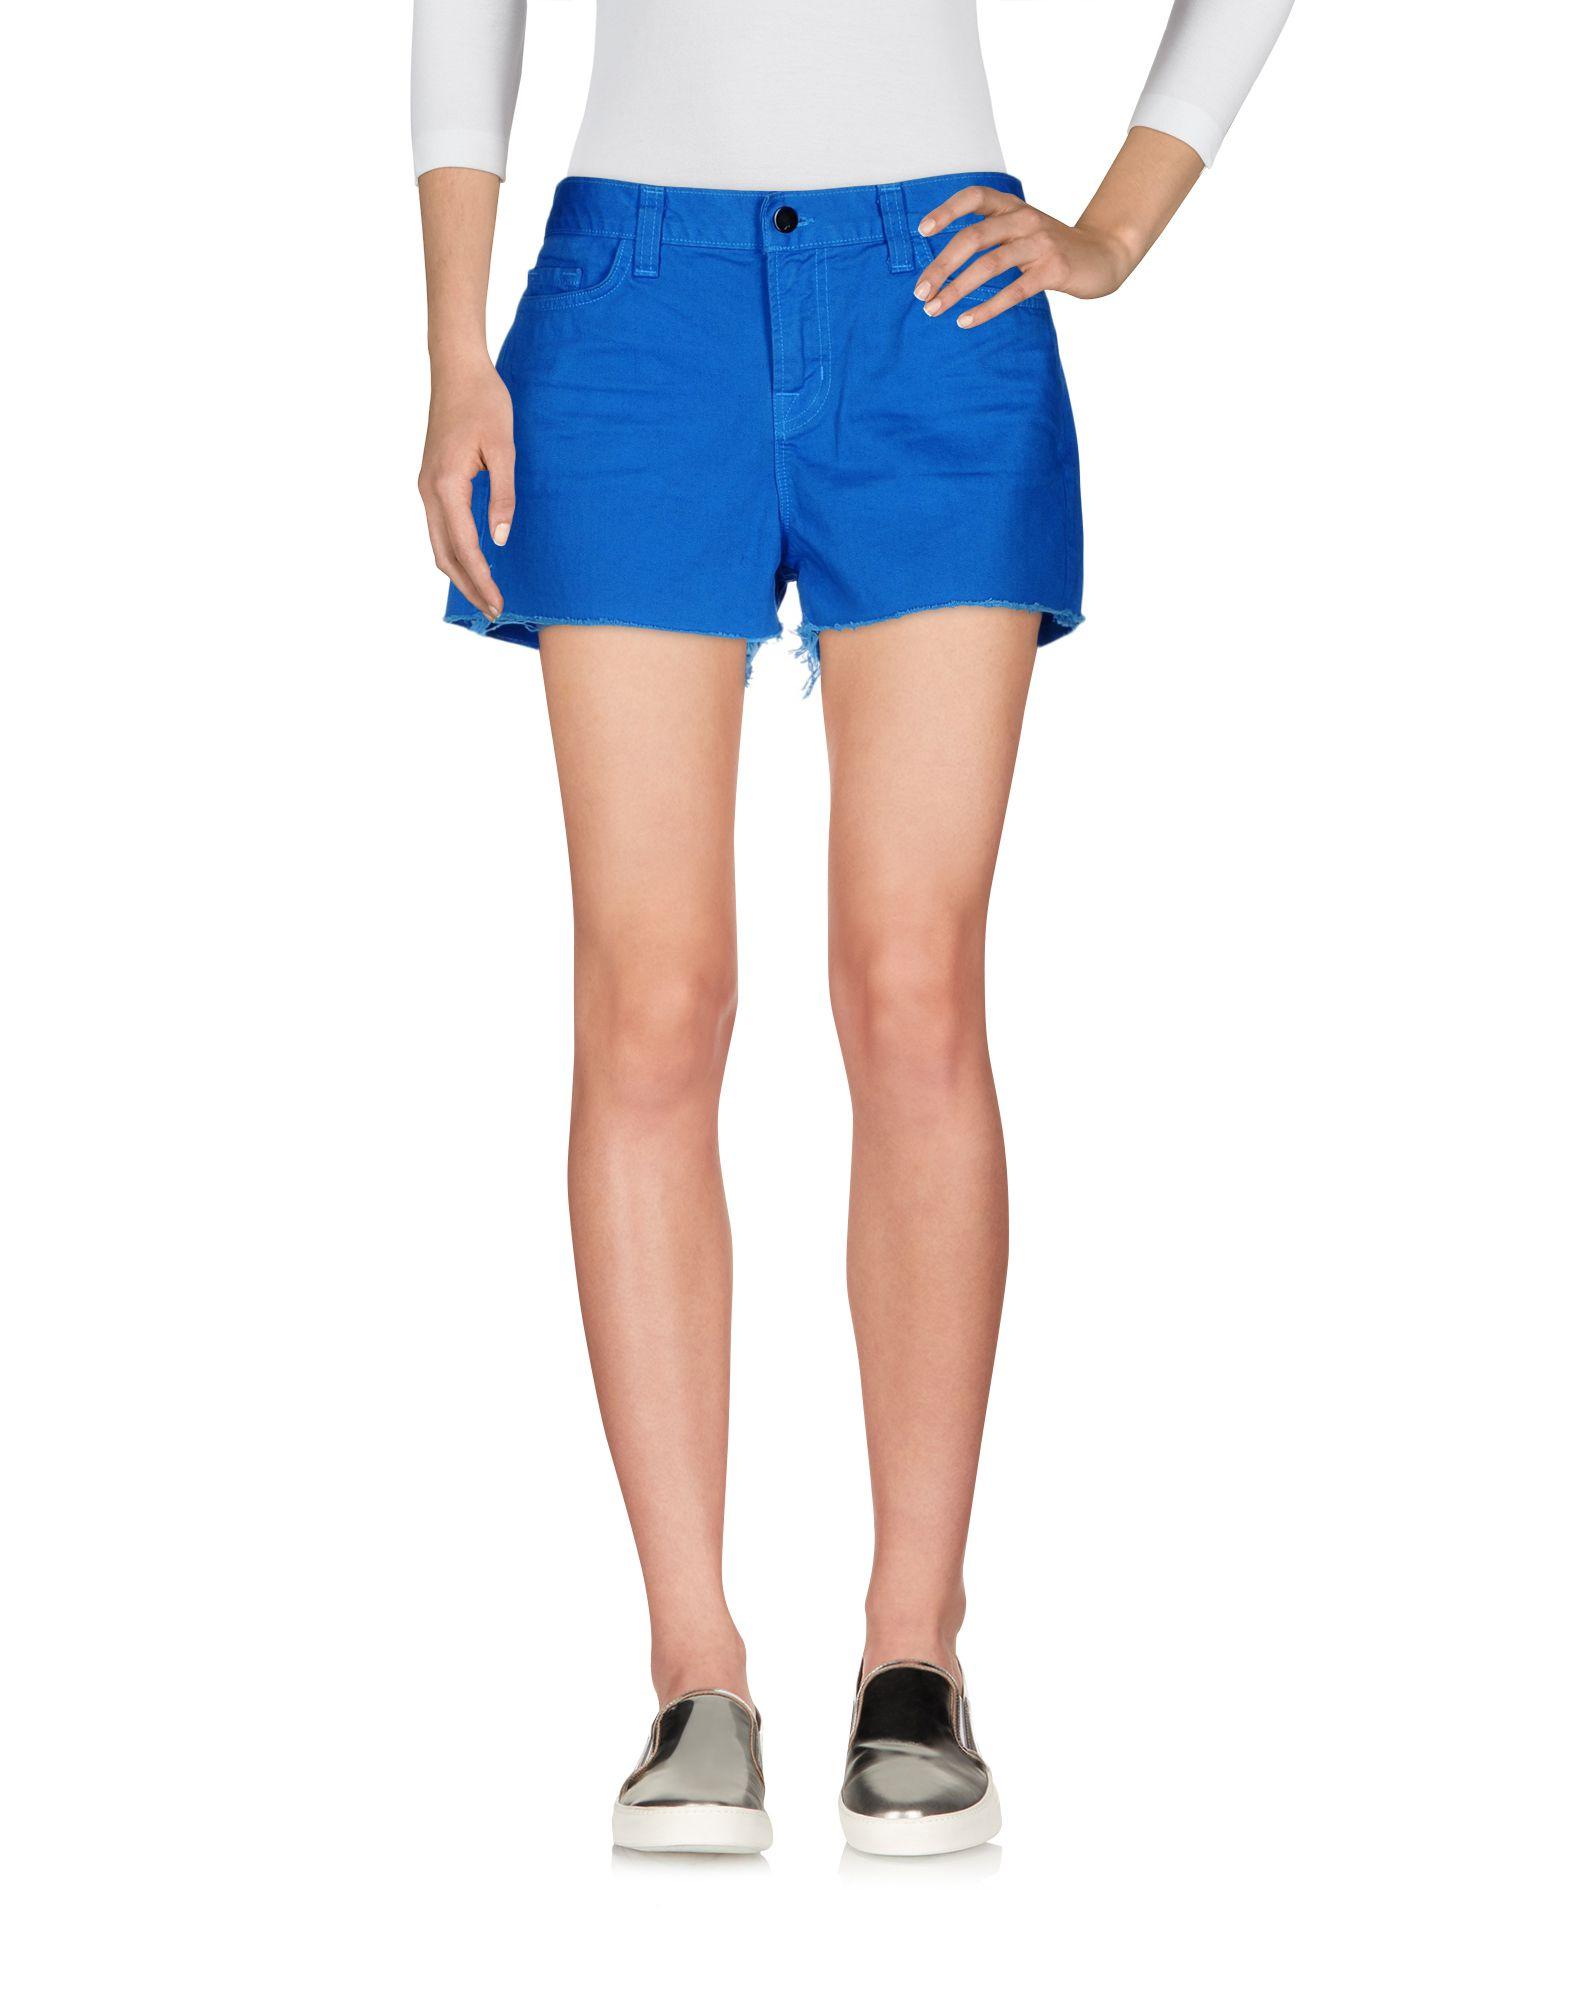 J BRAND Джинсовые шорты superfine джинсовые шорты